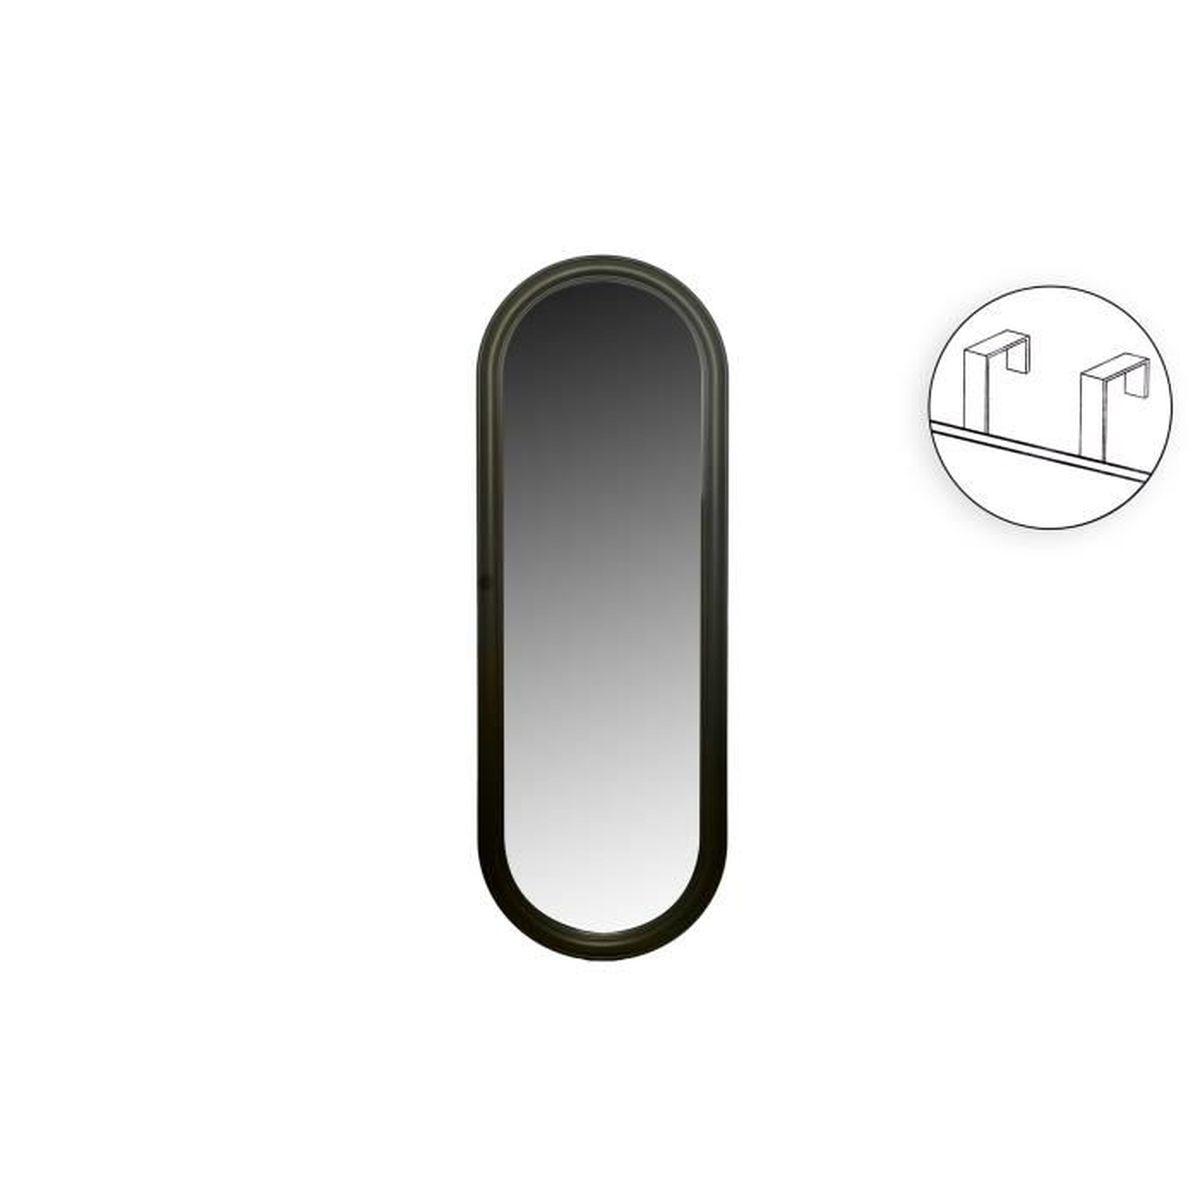 MIROIR Miroir de porte ovale à suspendre - 37 x 107 x 2 c